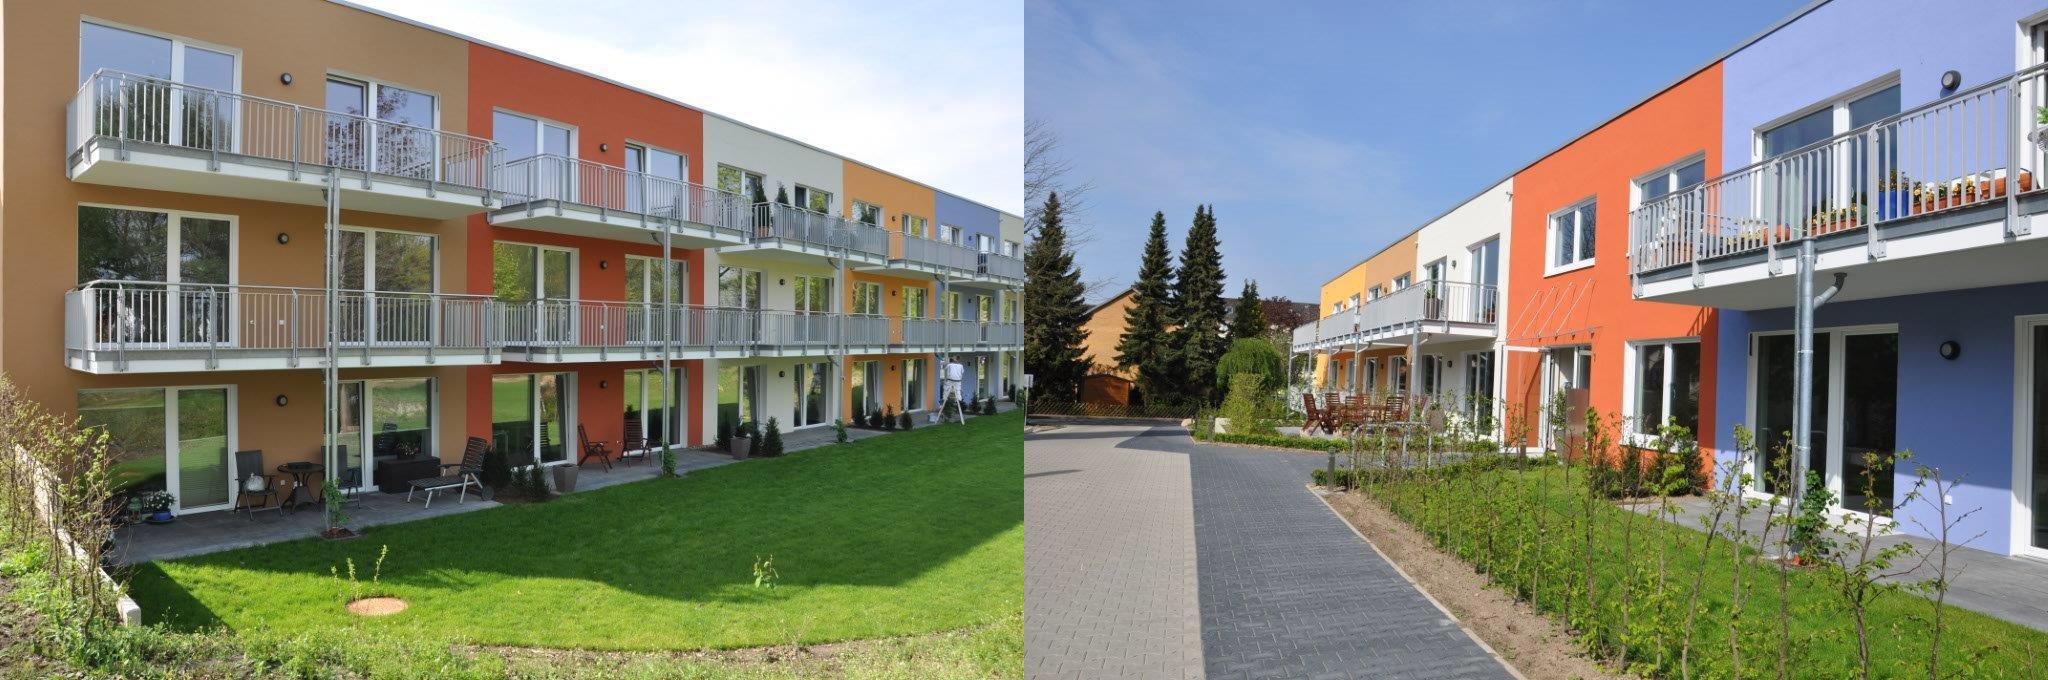 Neubauwohnkomplex Betreutes Wohnen in Bad Bevensen